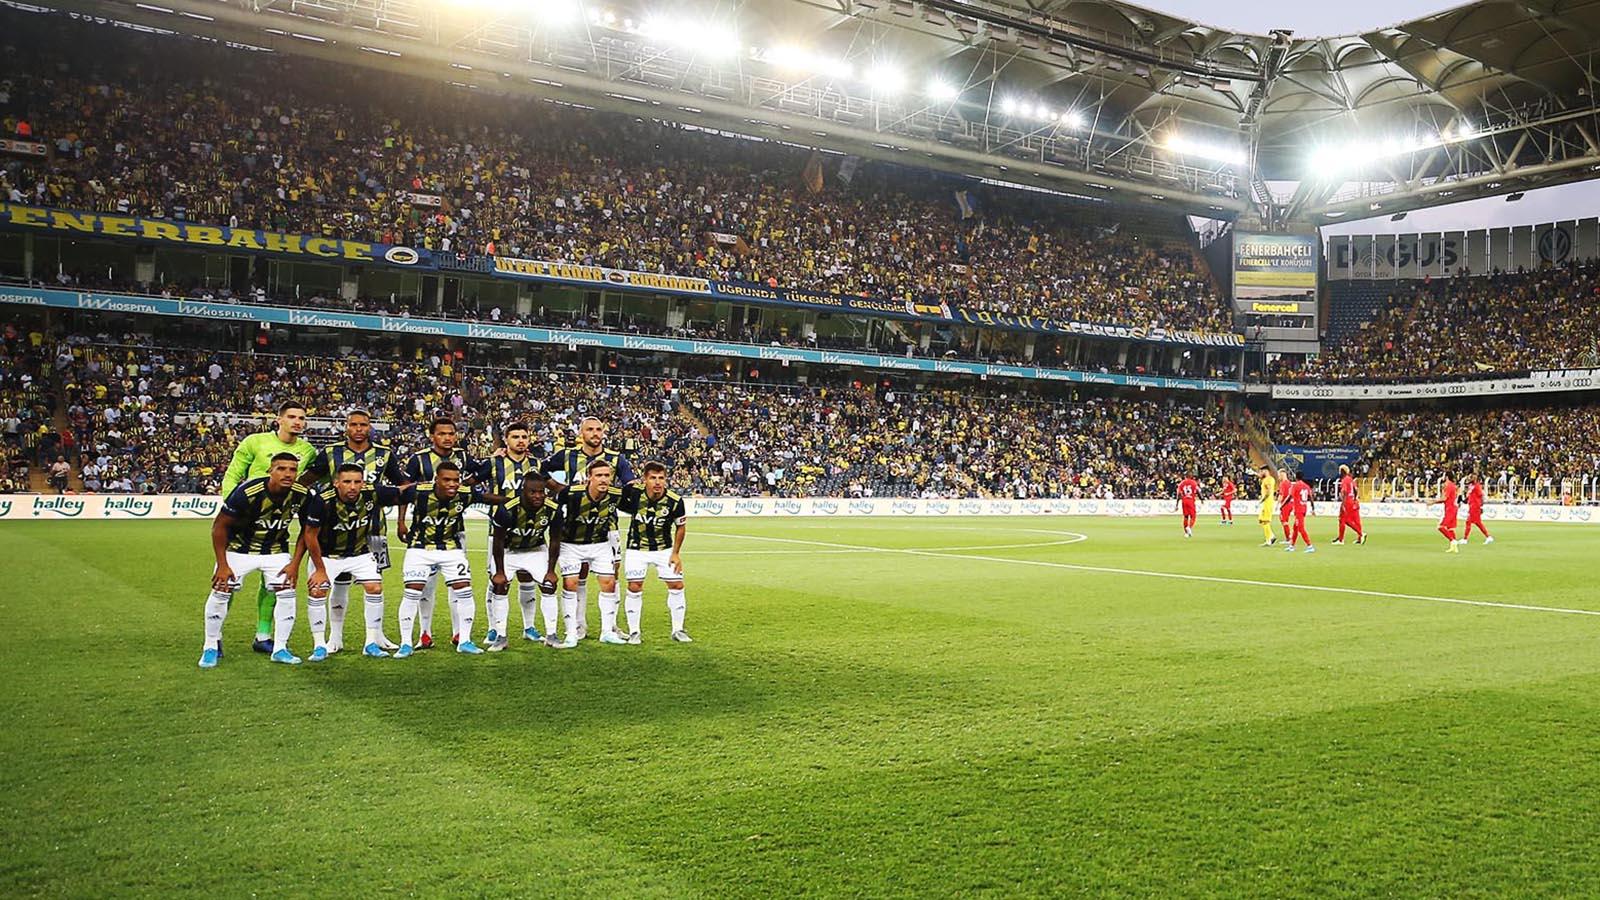 İttifak Holding Konyaspor maçı için Futbol Ağırlama Paketleri satışı devam ediyor